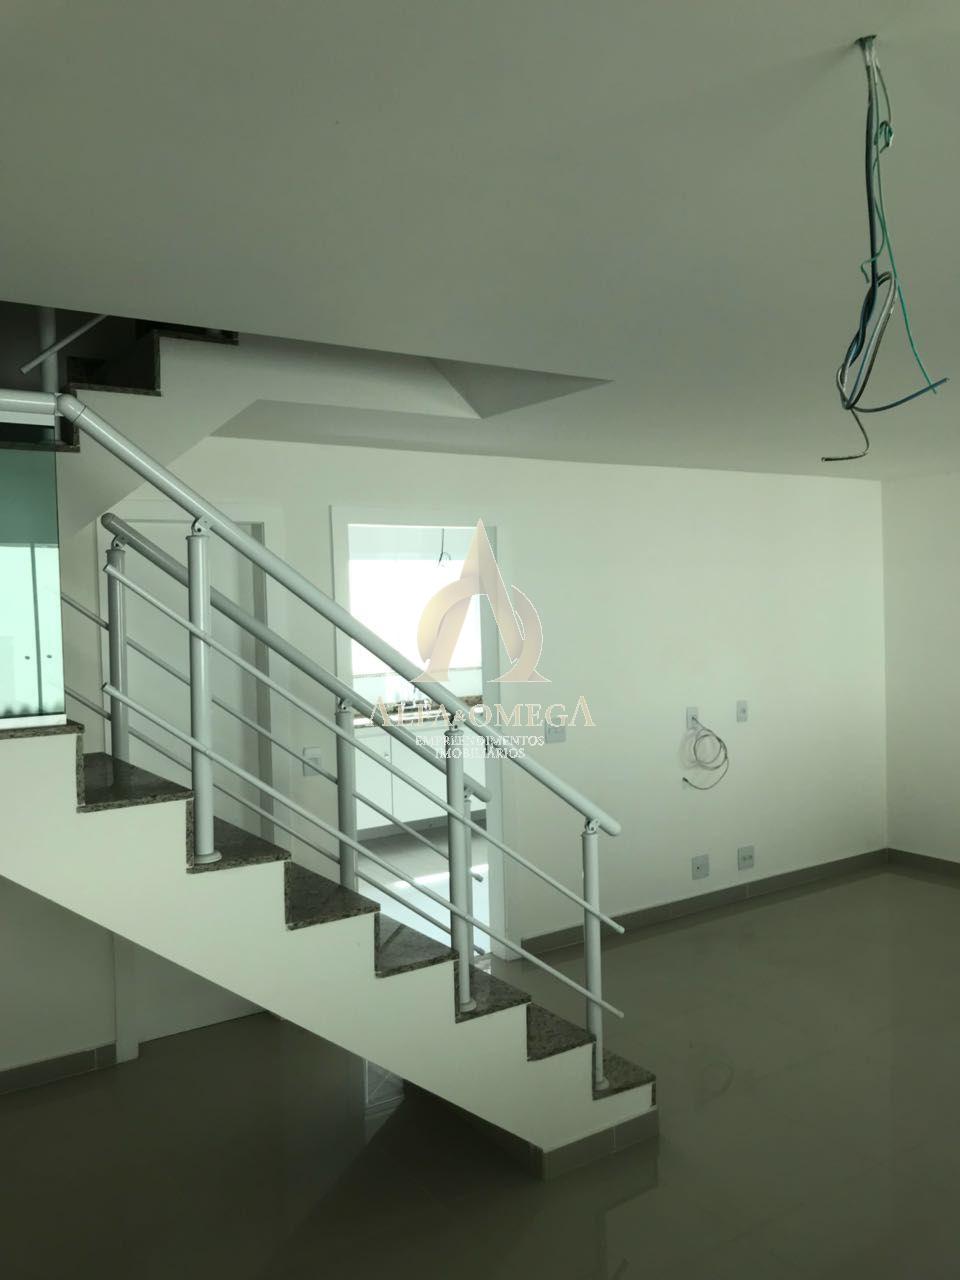 FOTO 3 - Casa 3 quartos à venda Taquara, Rio de Janeiro - R$ 452.000 - AOJ60015 - 3